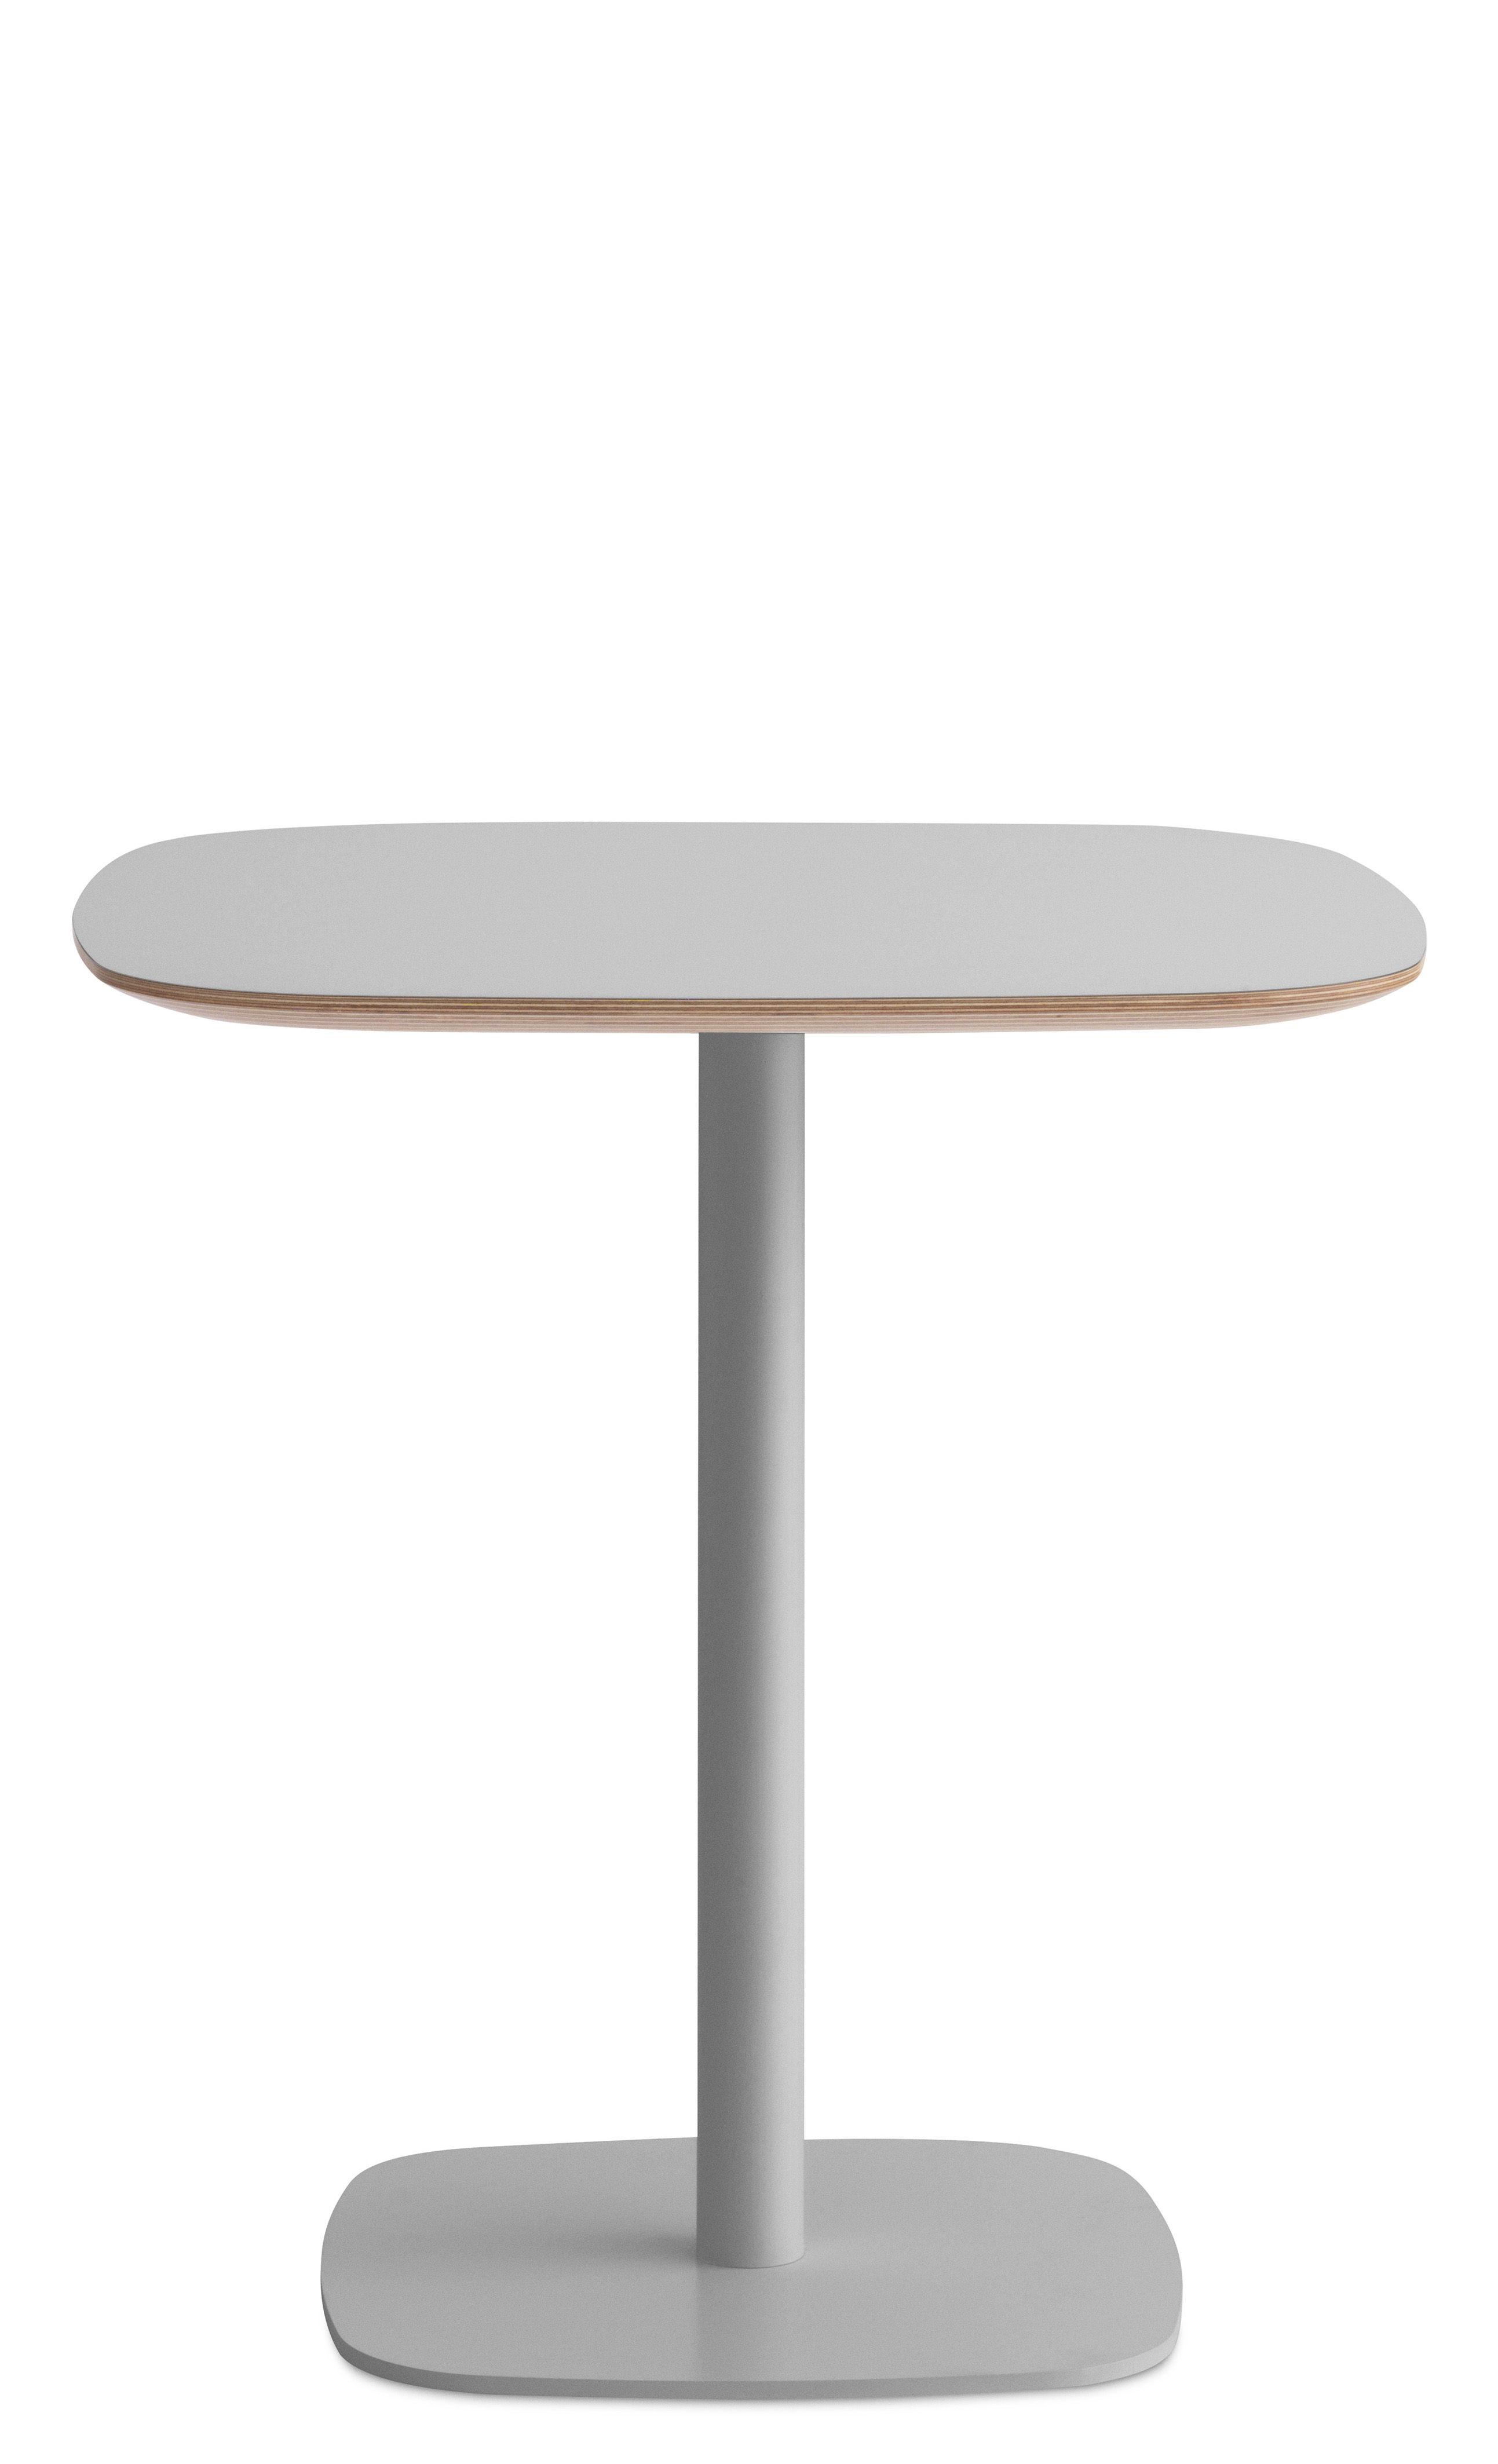 Form Tisch 70 X 70 Cm Linoleum Eiche Grau Eiche By Normann